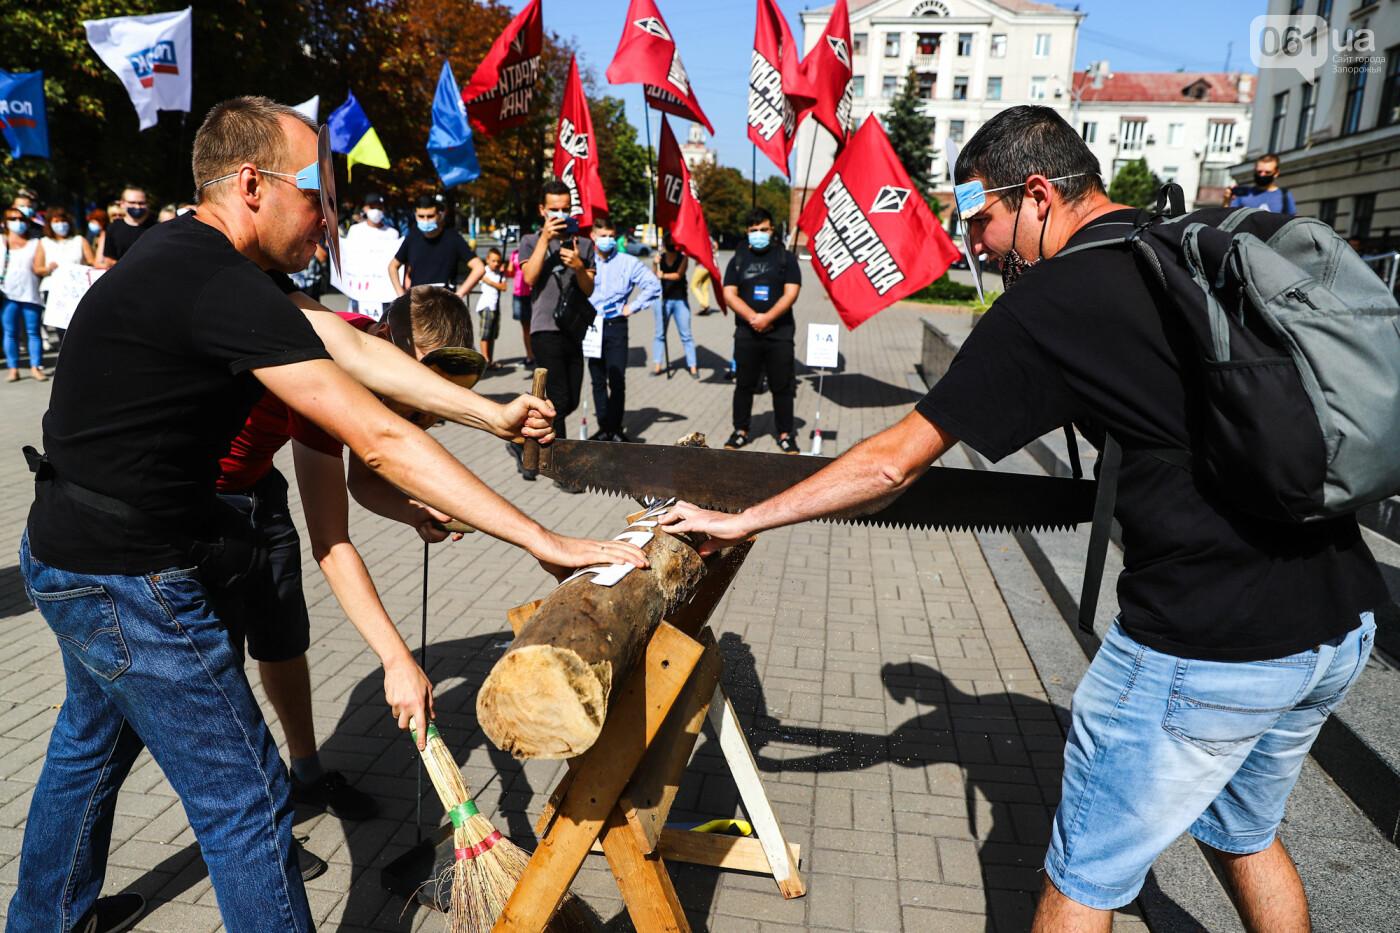 С пилами и в масках: в Запорожье возле мэрии активисты показали, как распиливают городской бюджет, - ФОТОРЕПОРТАЖ, фото-9